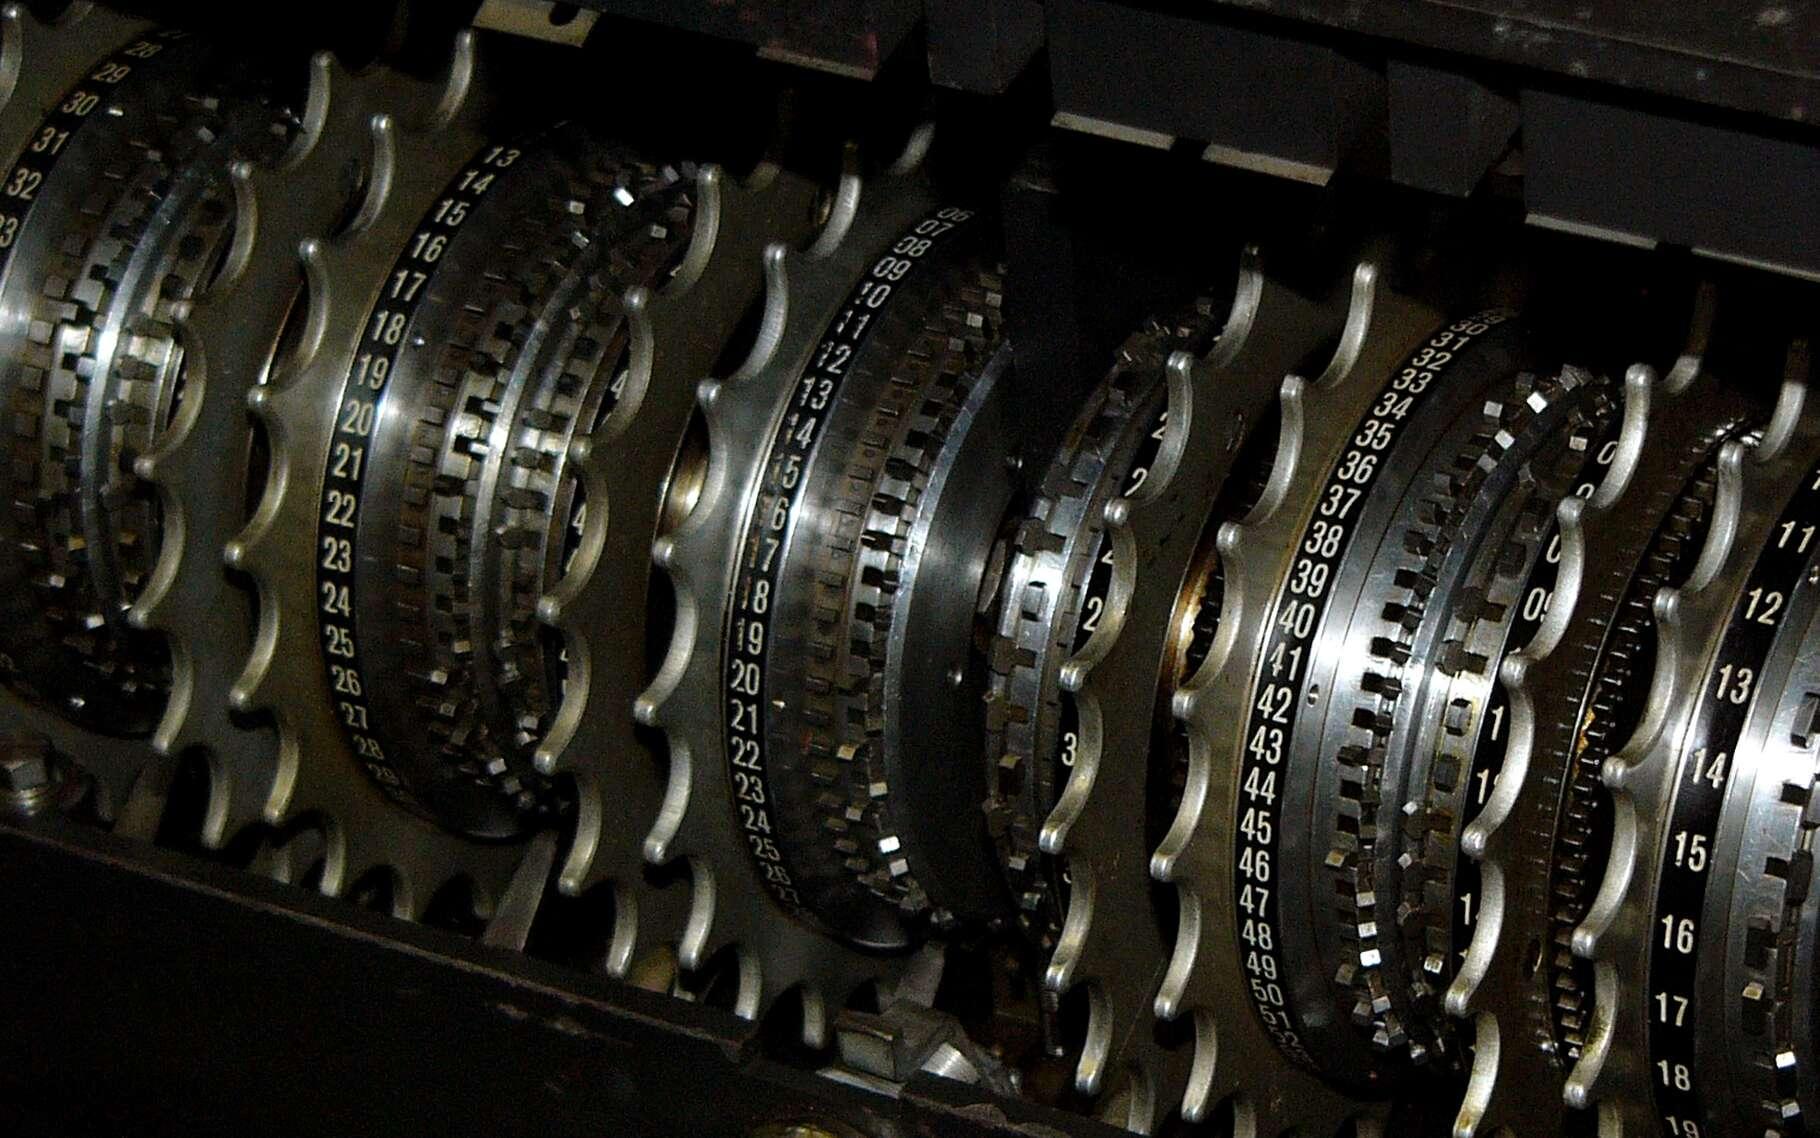 Crypter ses messages est un exercice pratiqué sans doute depuis l'invention de l'écriture. Les mathématiques, la mécanique et l'informatique aujourd'hui, sont convoquées pour imaginer de nouvelles méthodes. © DR